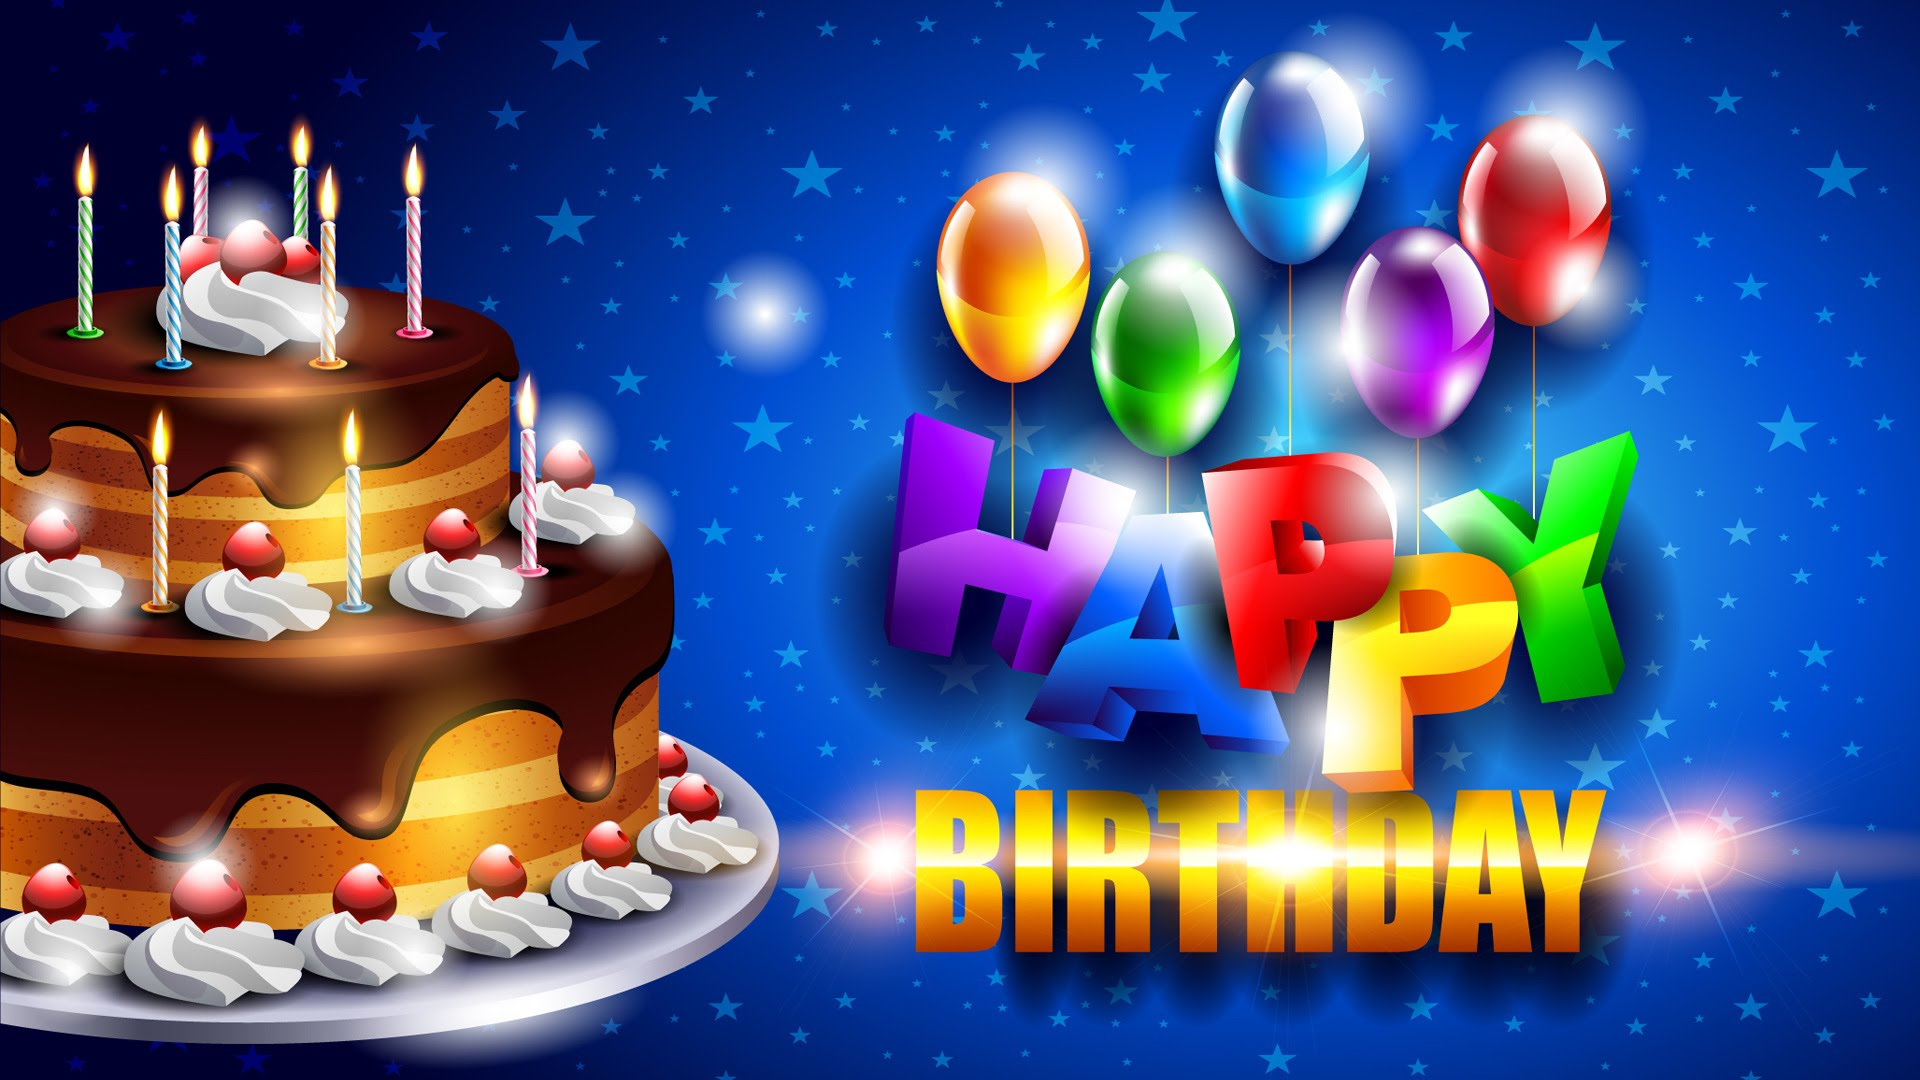 Поздравление на английском с днем рождения для мужчины картинки